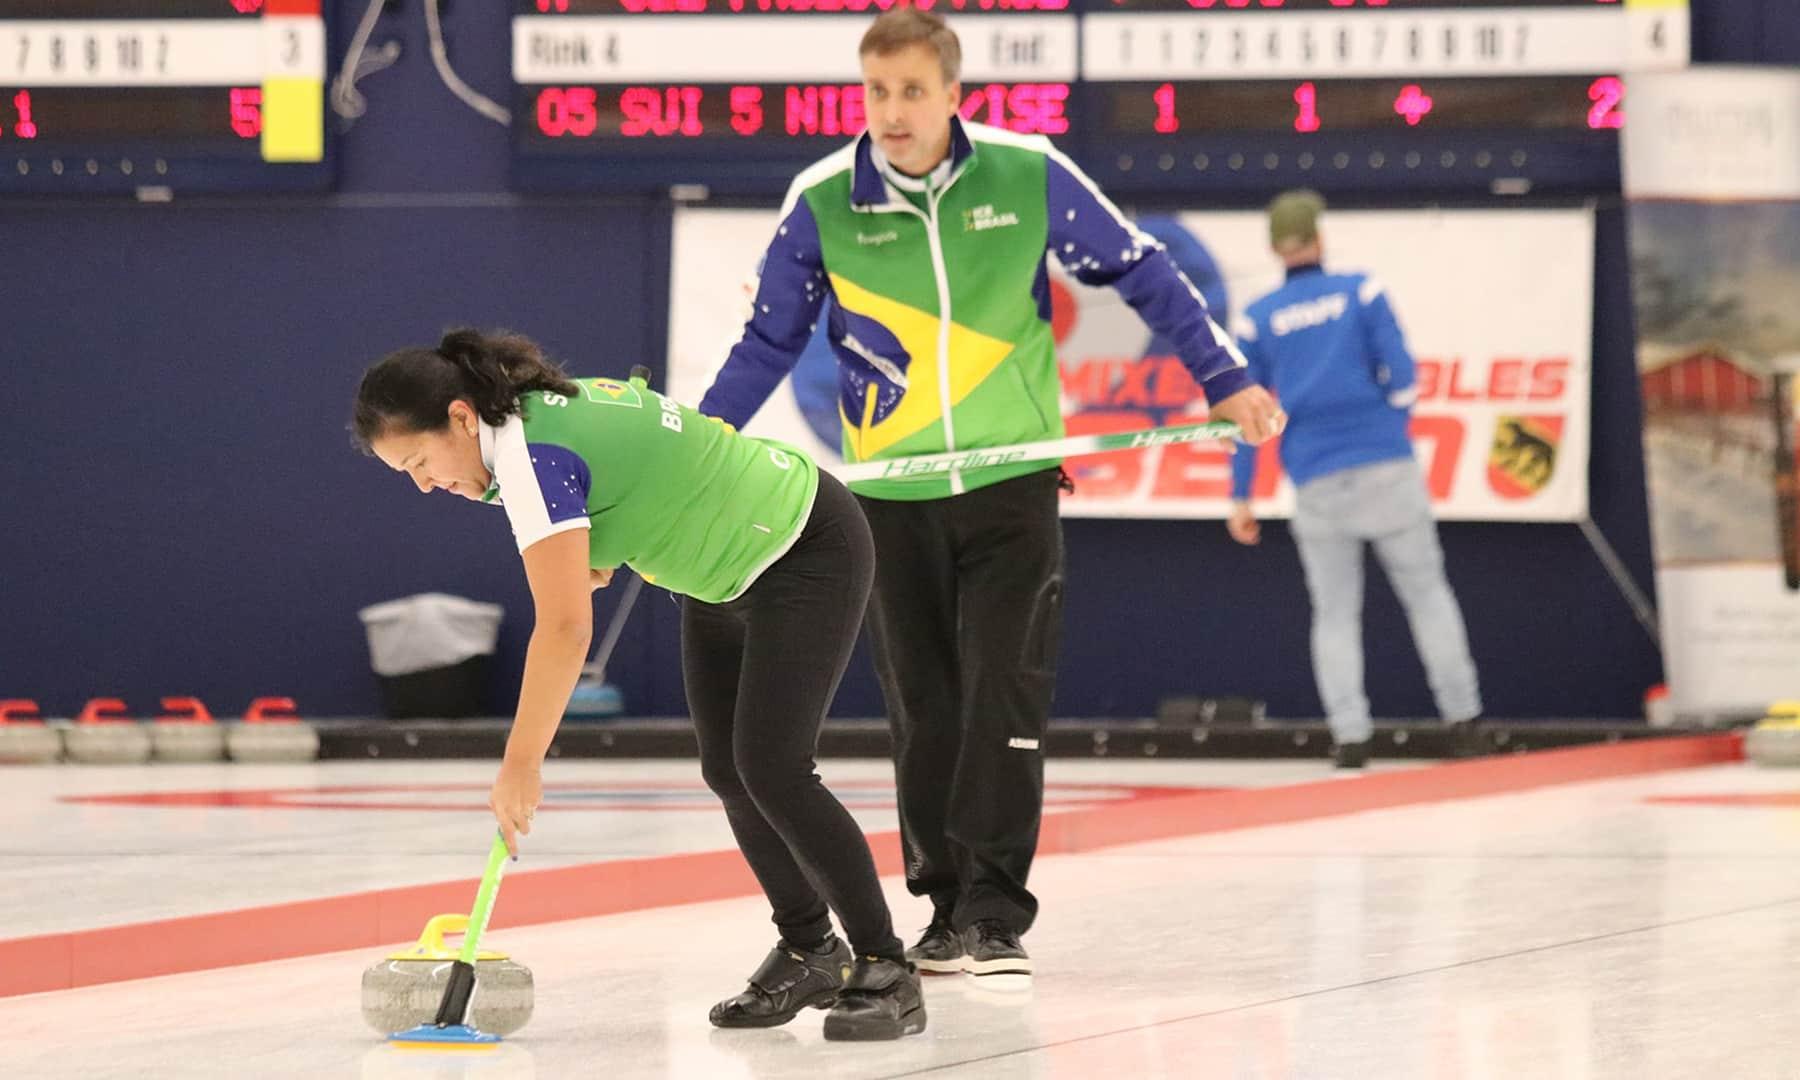 Anne Shibuya Scott McMullan Brasil Campeonato Classificatório para o Pré-Olímpico de Curling Brasileiro inicia caminhada olímpica pela primeira vez